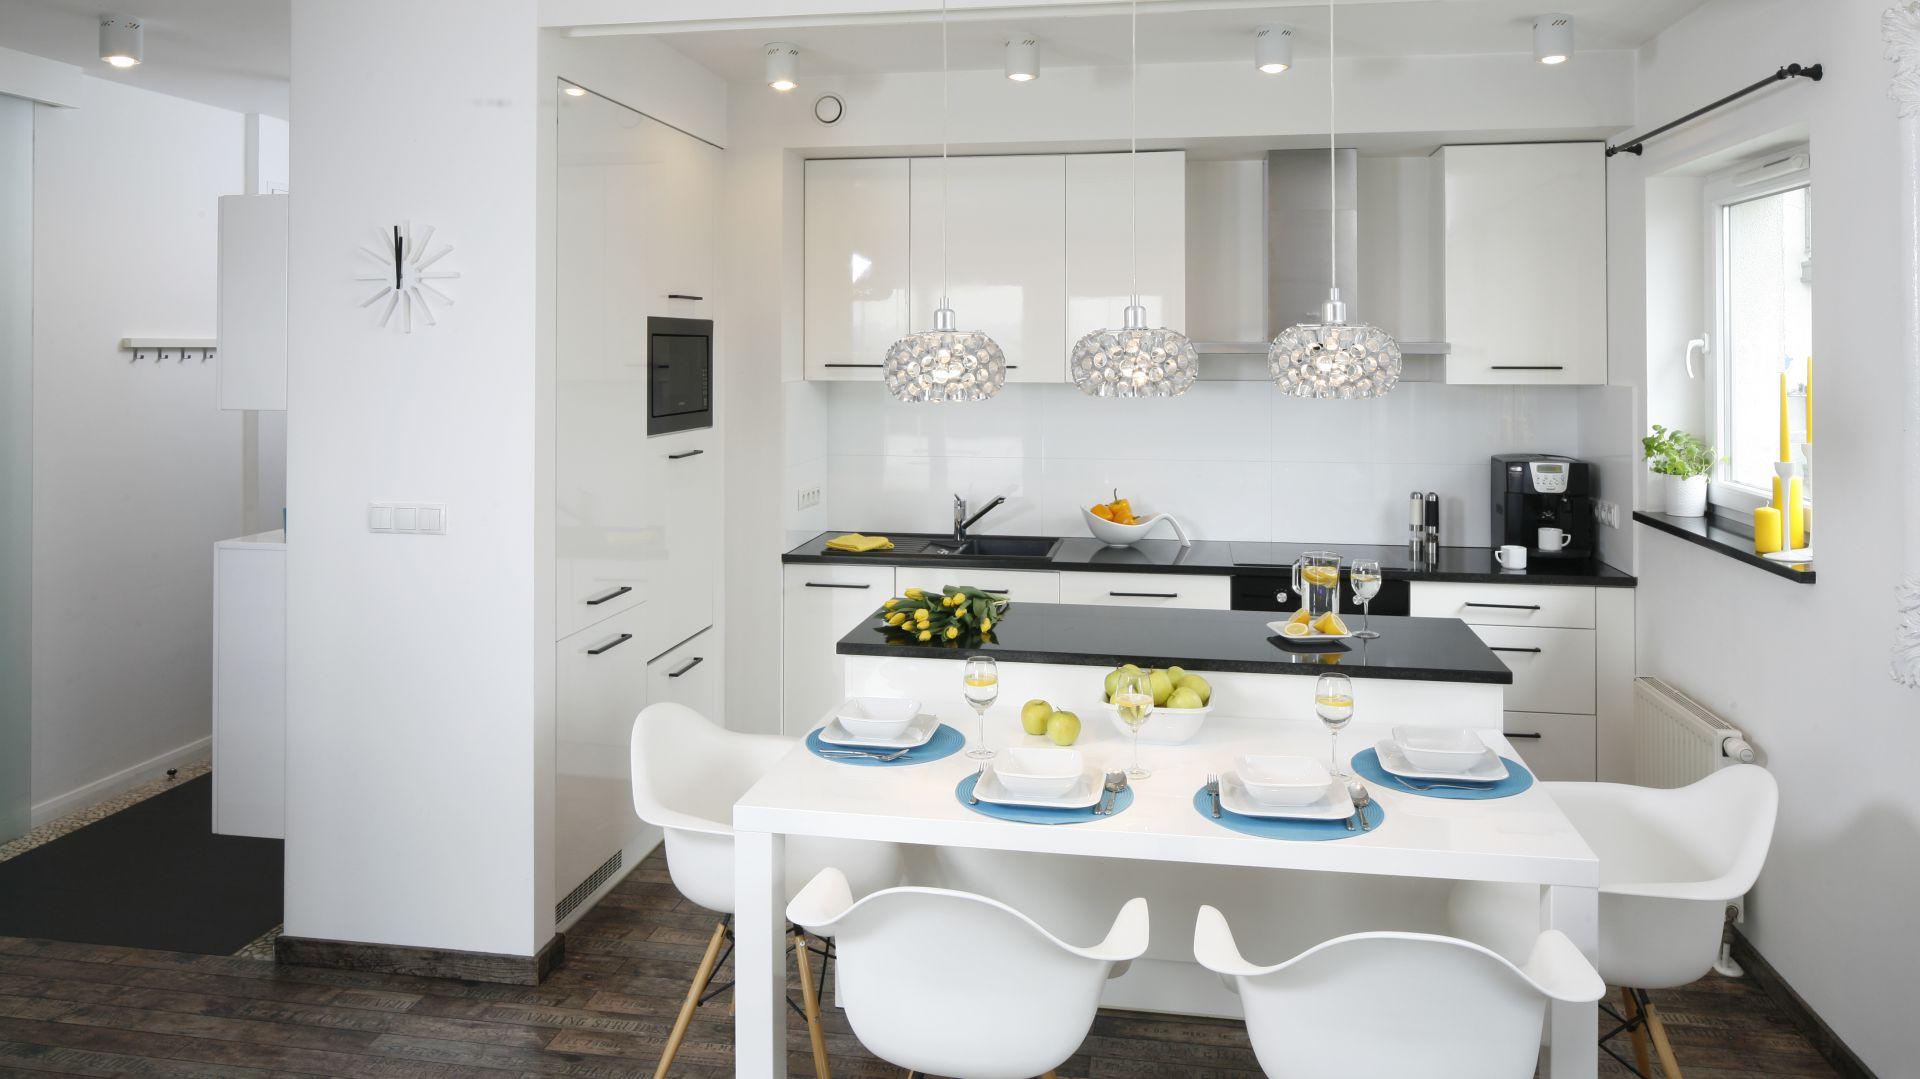 Kuchnia W Domu Jednorodzinnym 10 Projektow